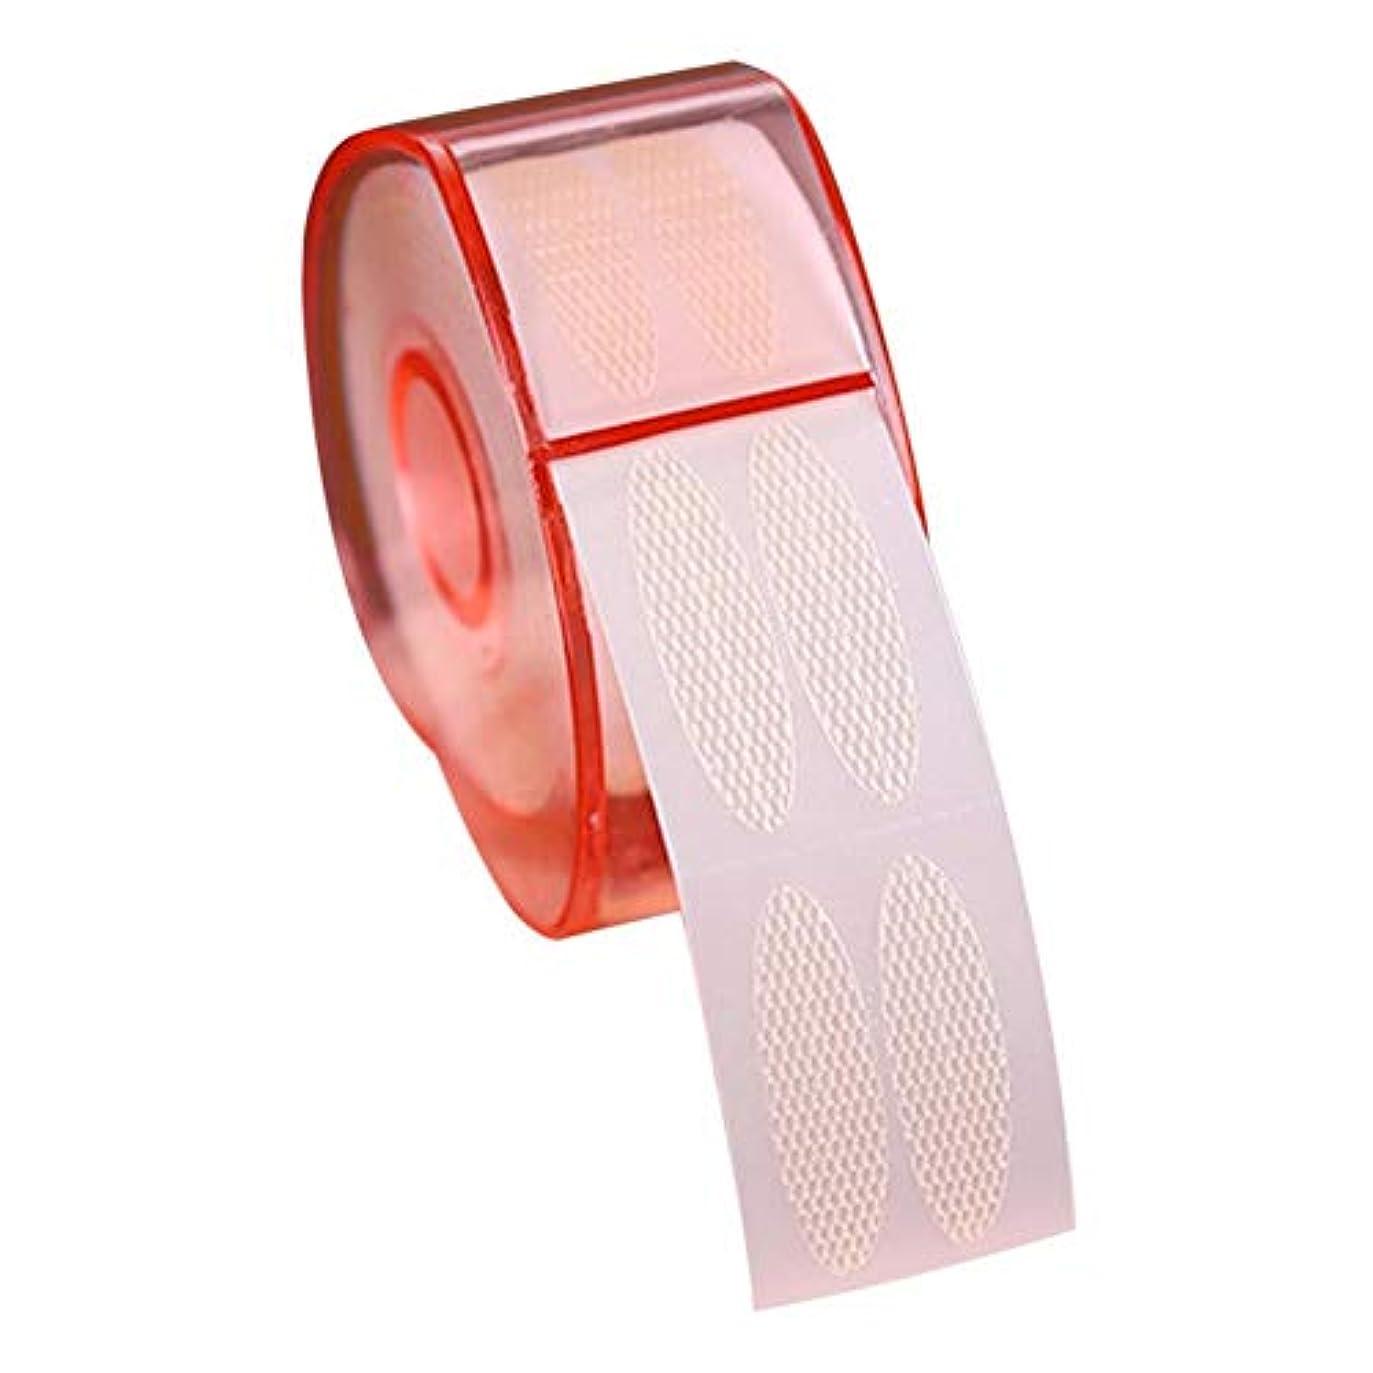 小説家取り戻す時計Ragem 二重まぶたステッカー 二重まぶたテープ 見えない レース テープロール 通気性 防水 ナチュラル 魅力的 2タイプ